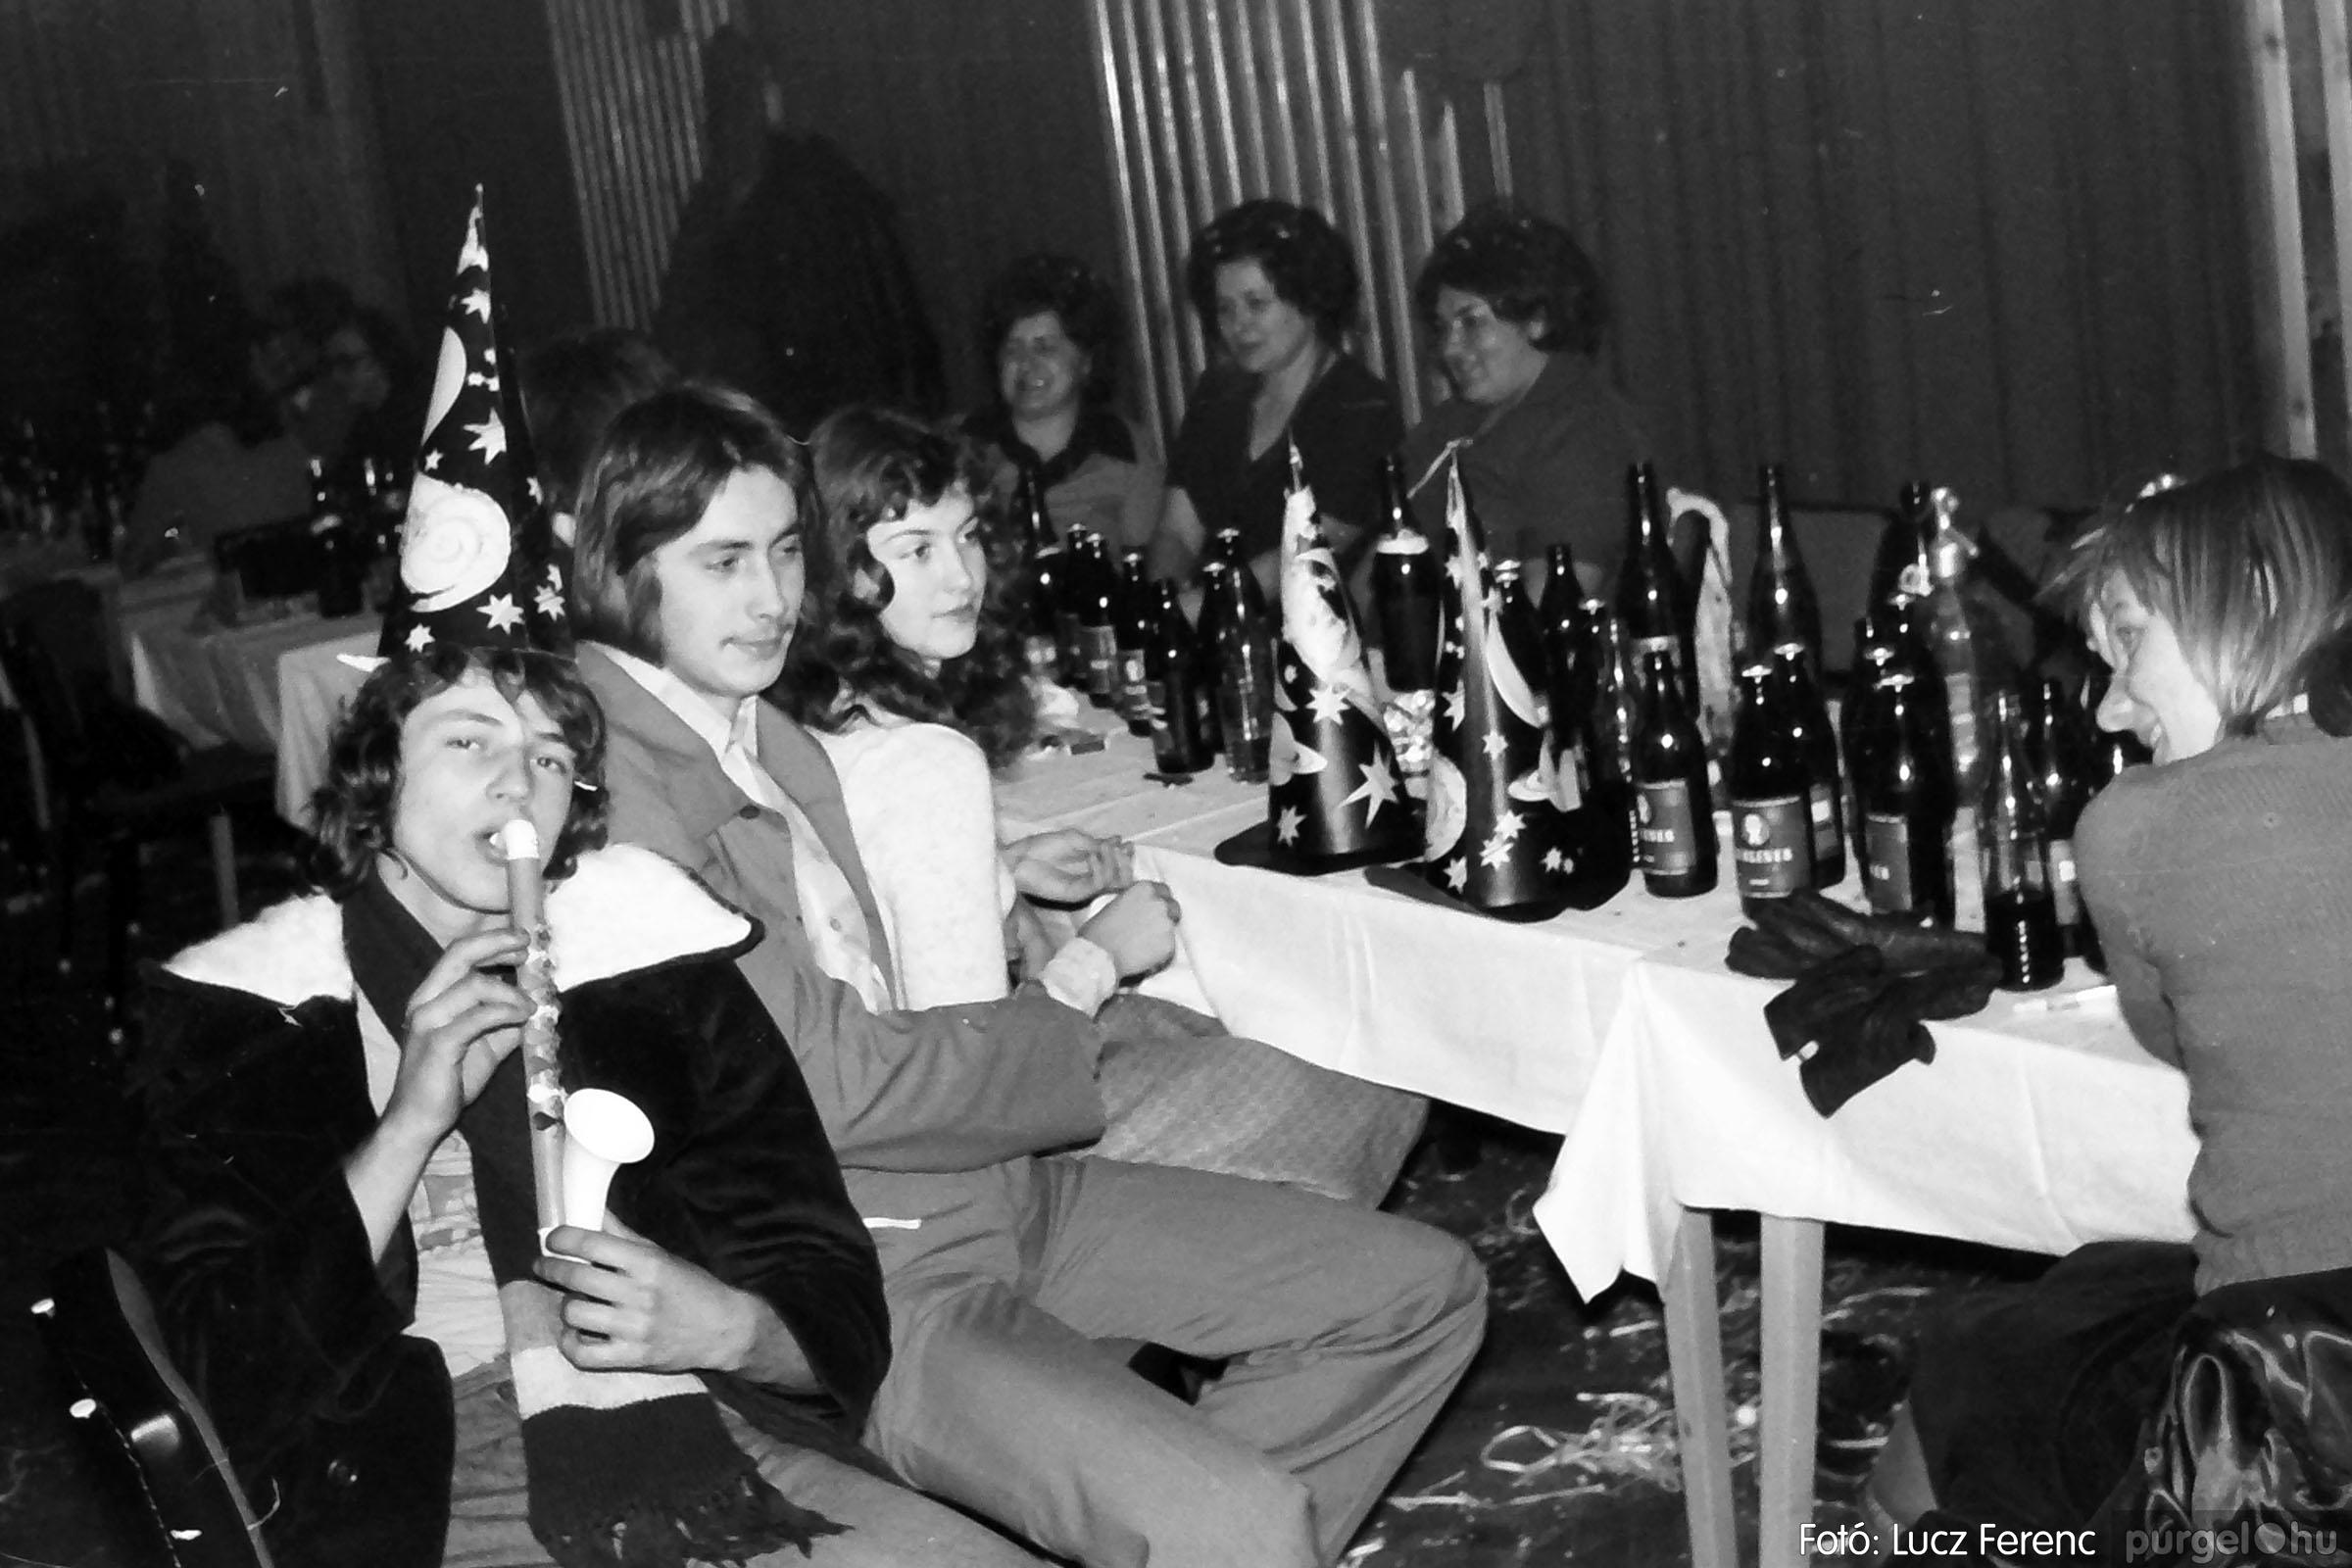 030. 1975.12.31. Szilveszter a kultúrházban 022 - Fotó: Lucz Ferenc.jpg